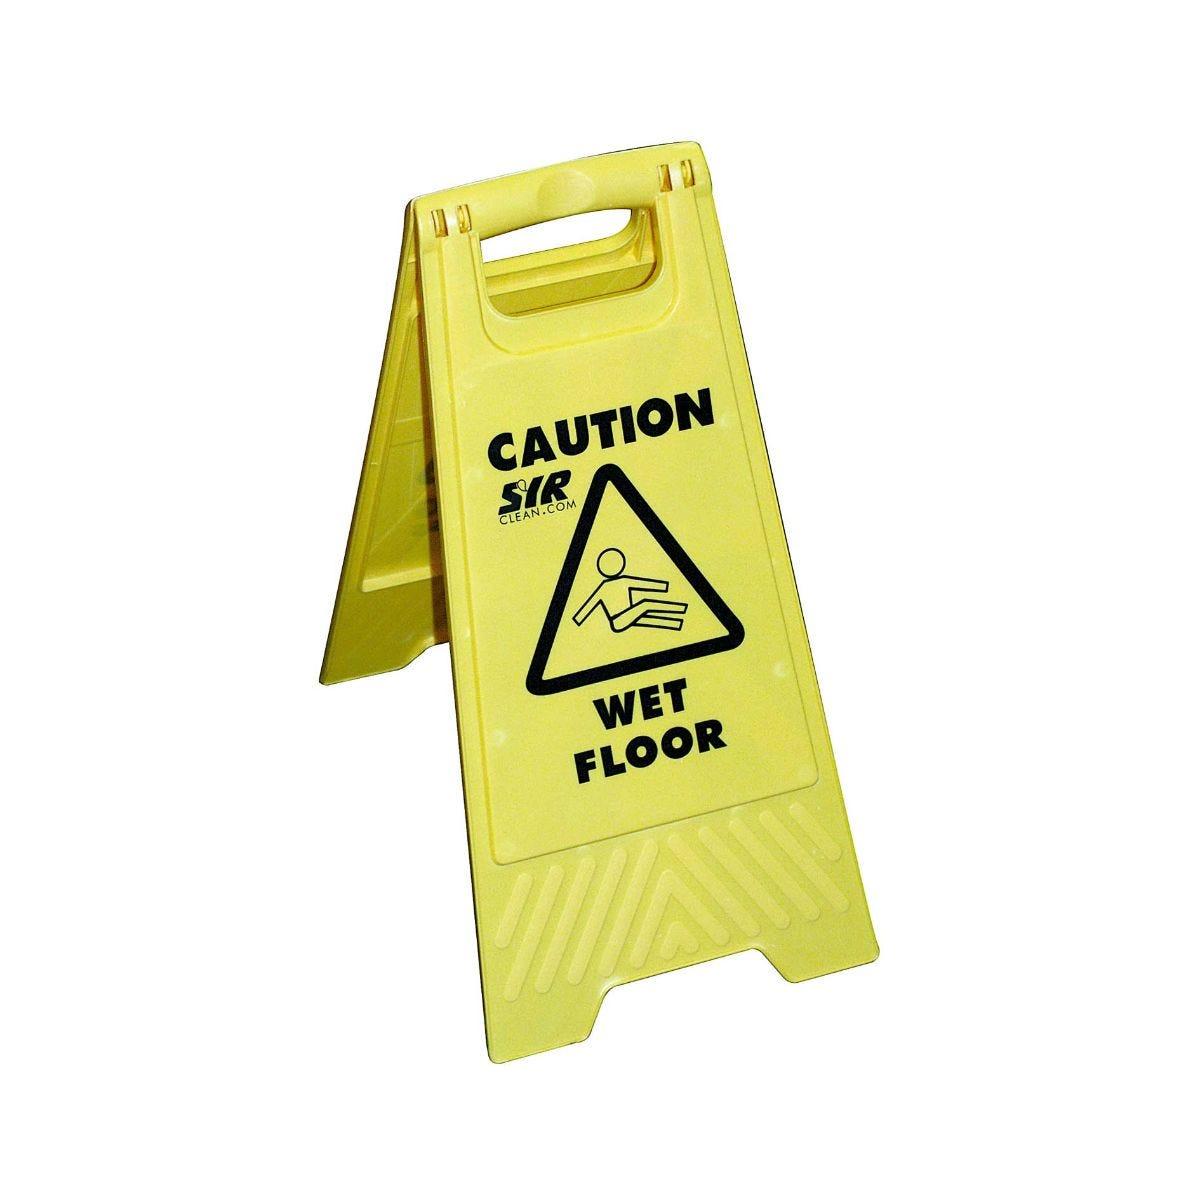 Image of Wet Floor Sign A Type